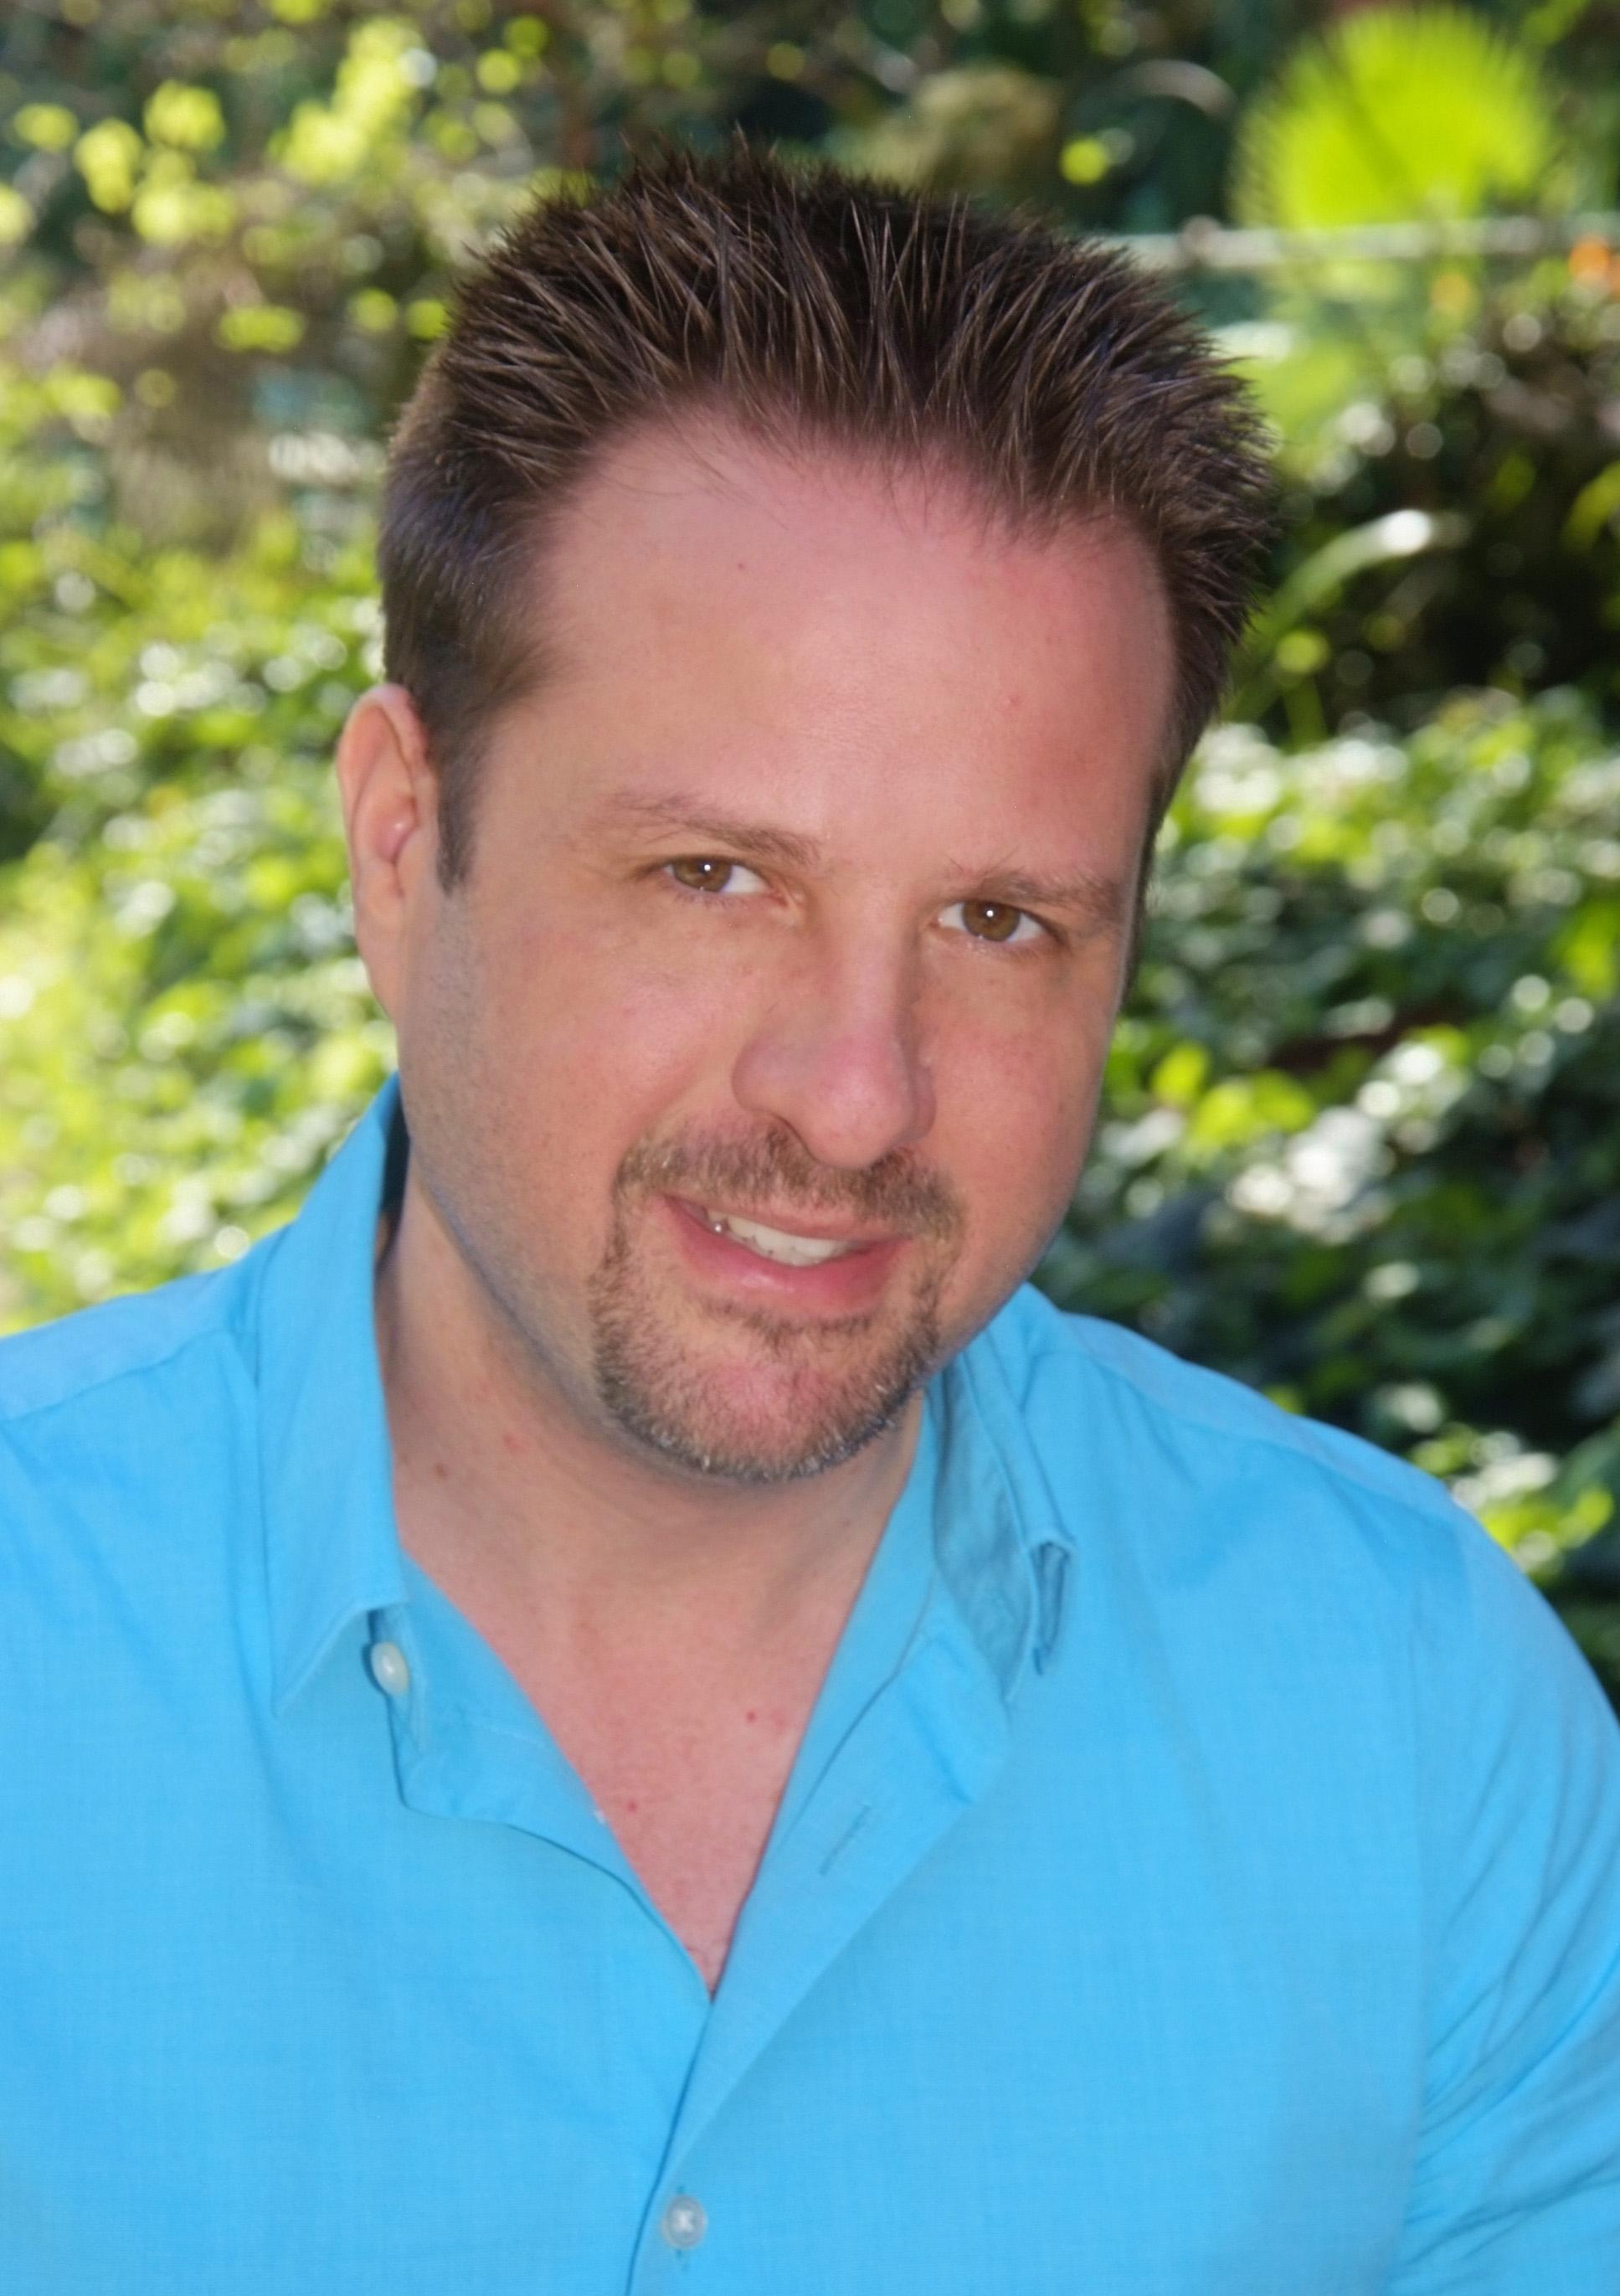 David M. Donnini